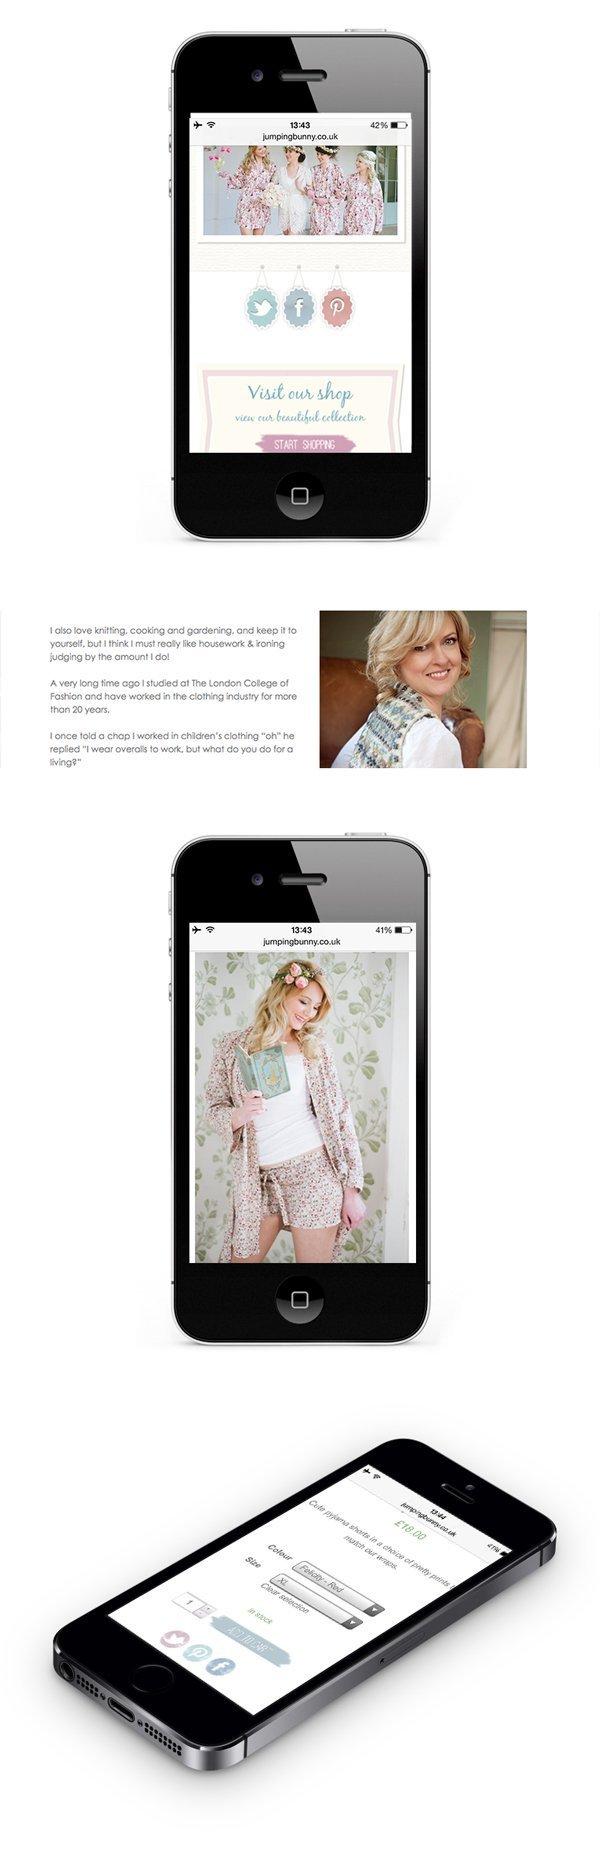 Fully content managed website designed for online shop